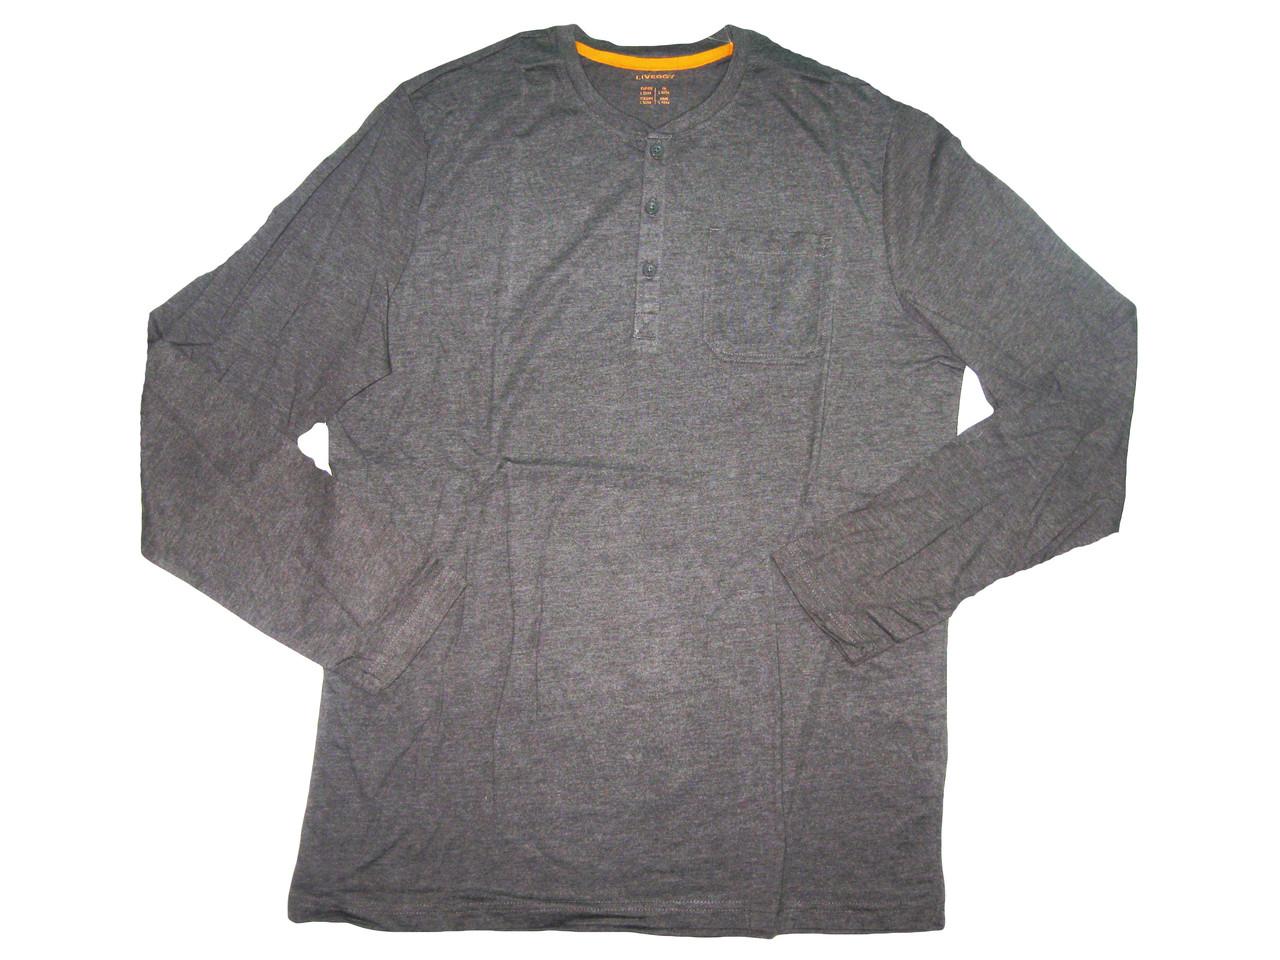 Реглан мужской, LIVERGY, размер L, арт. М-057